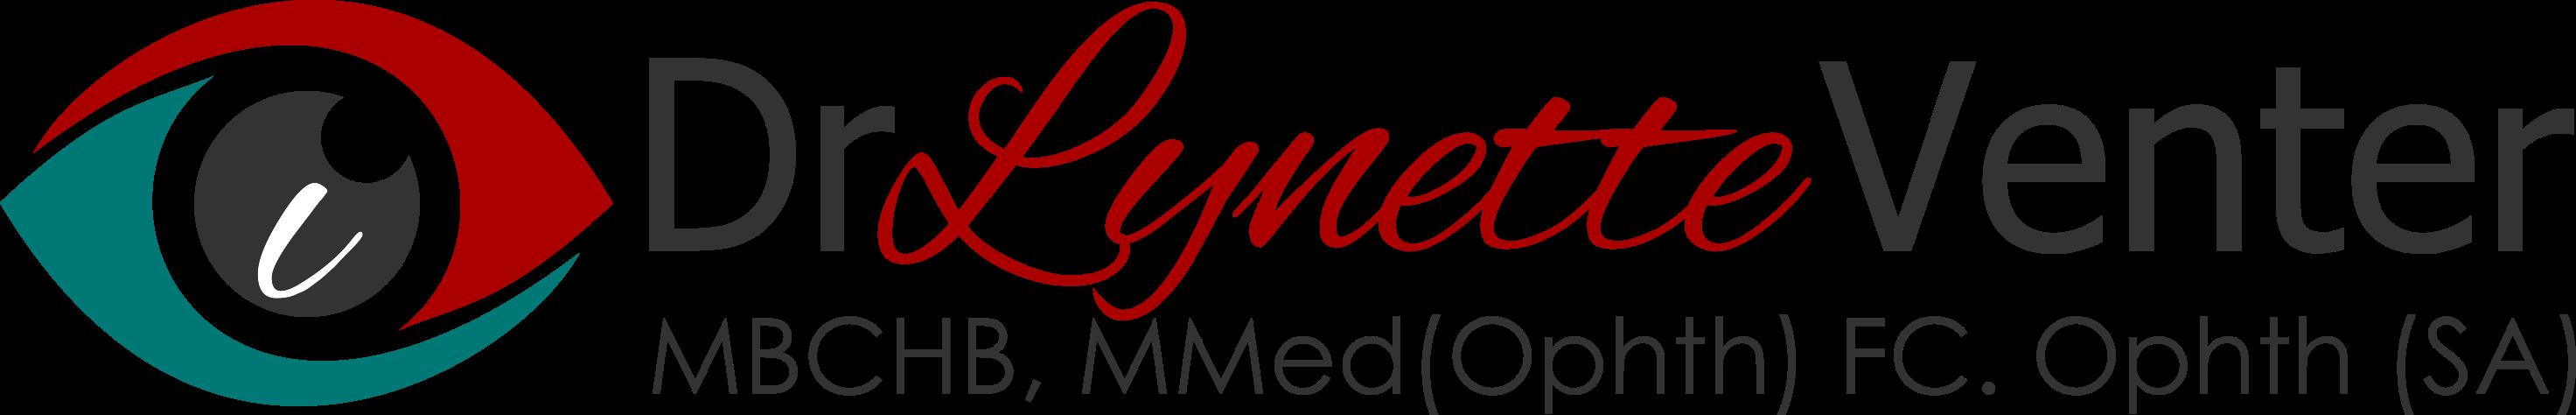 Dr Lynette Venter Logo